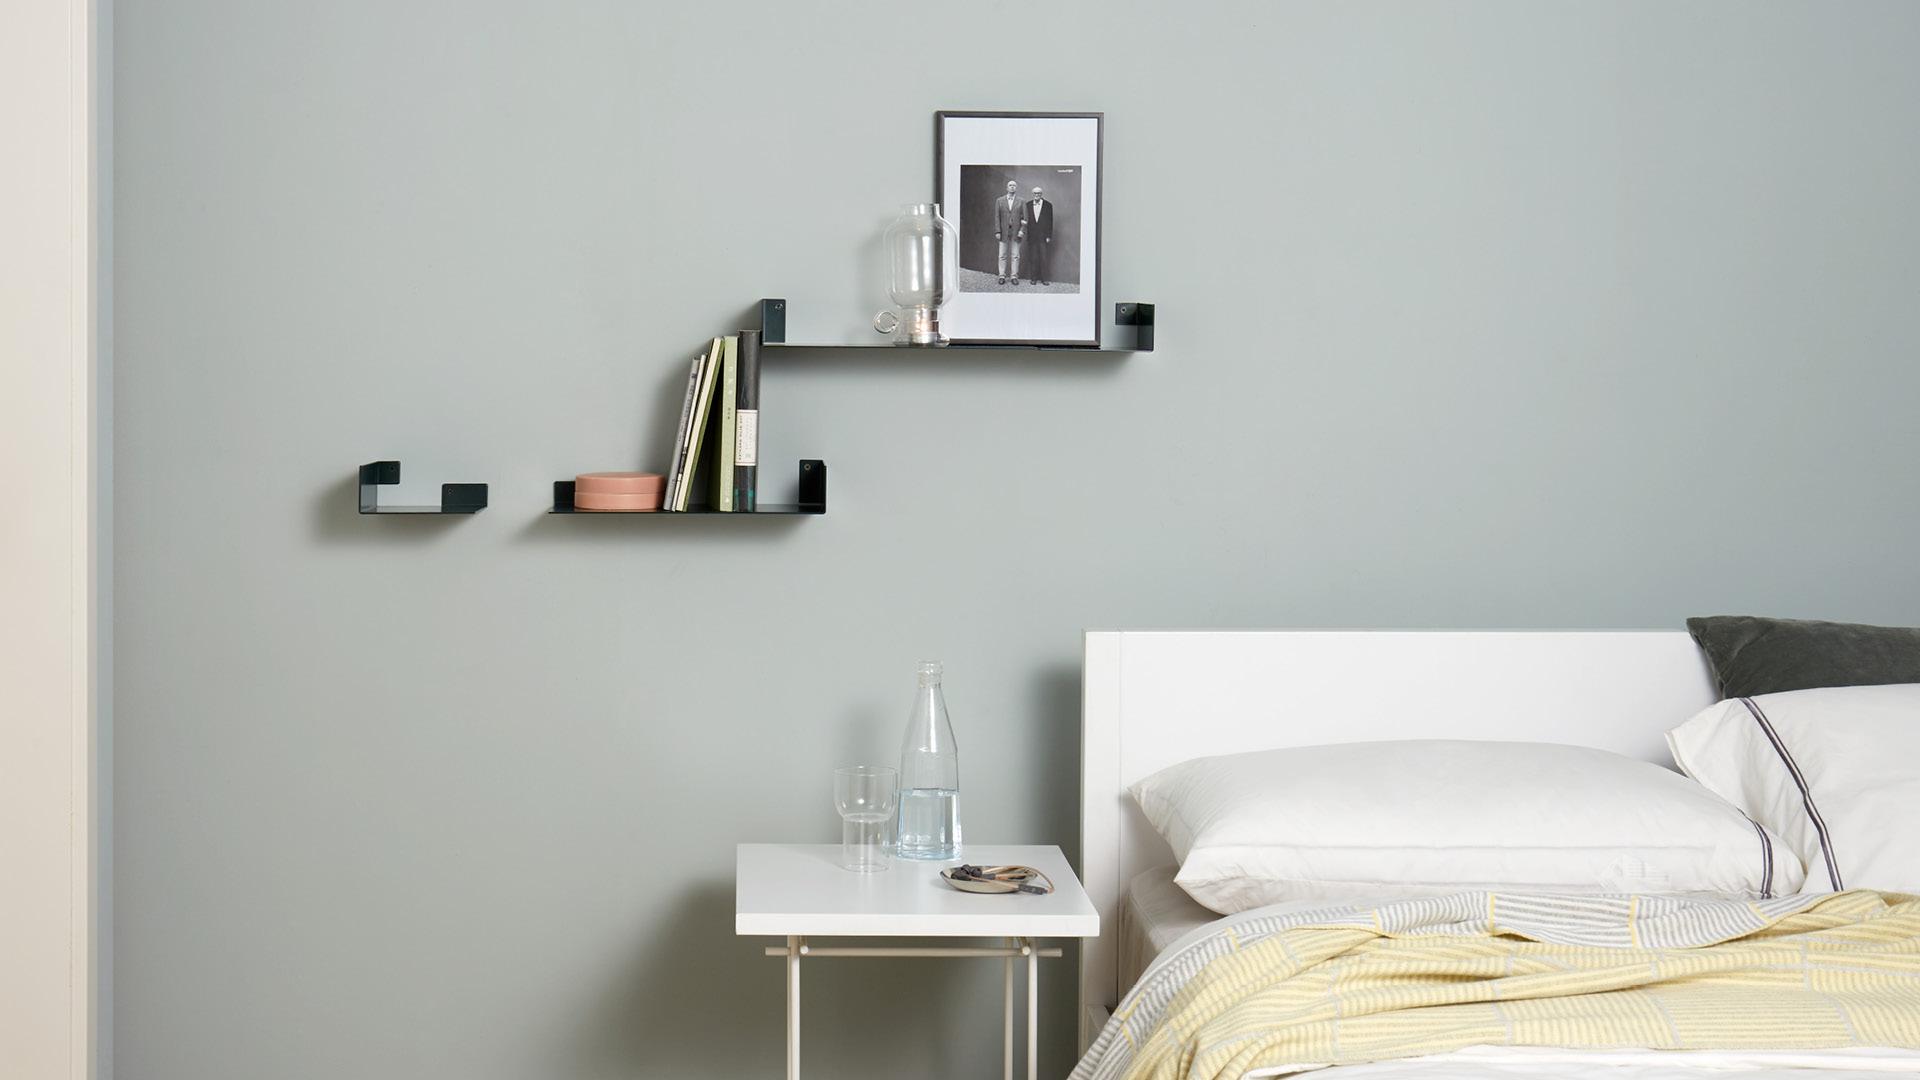 卧室置物架,扩容起居仪式美